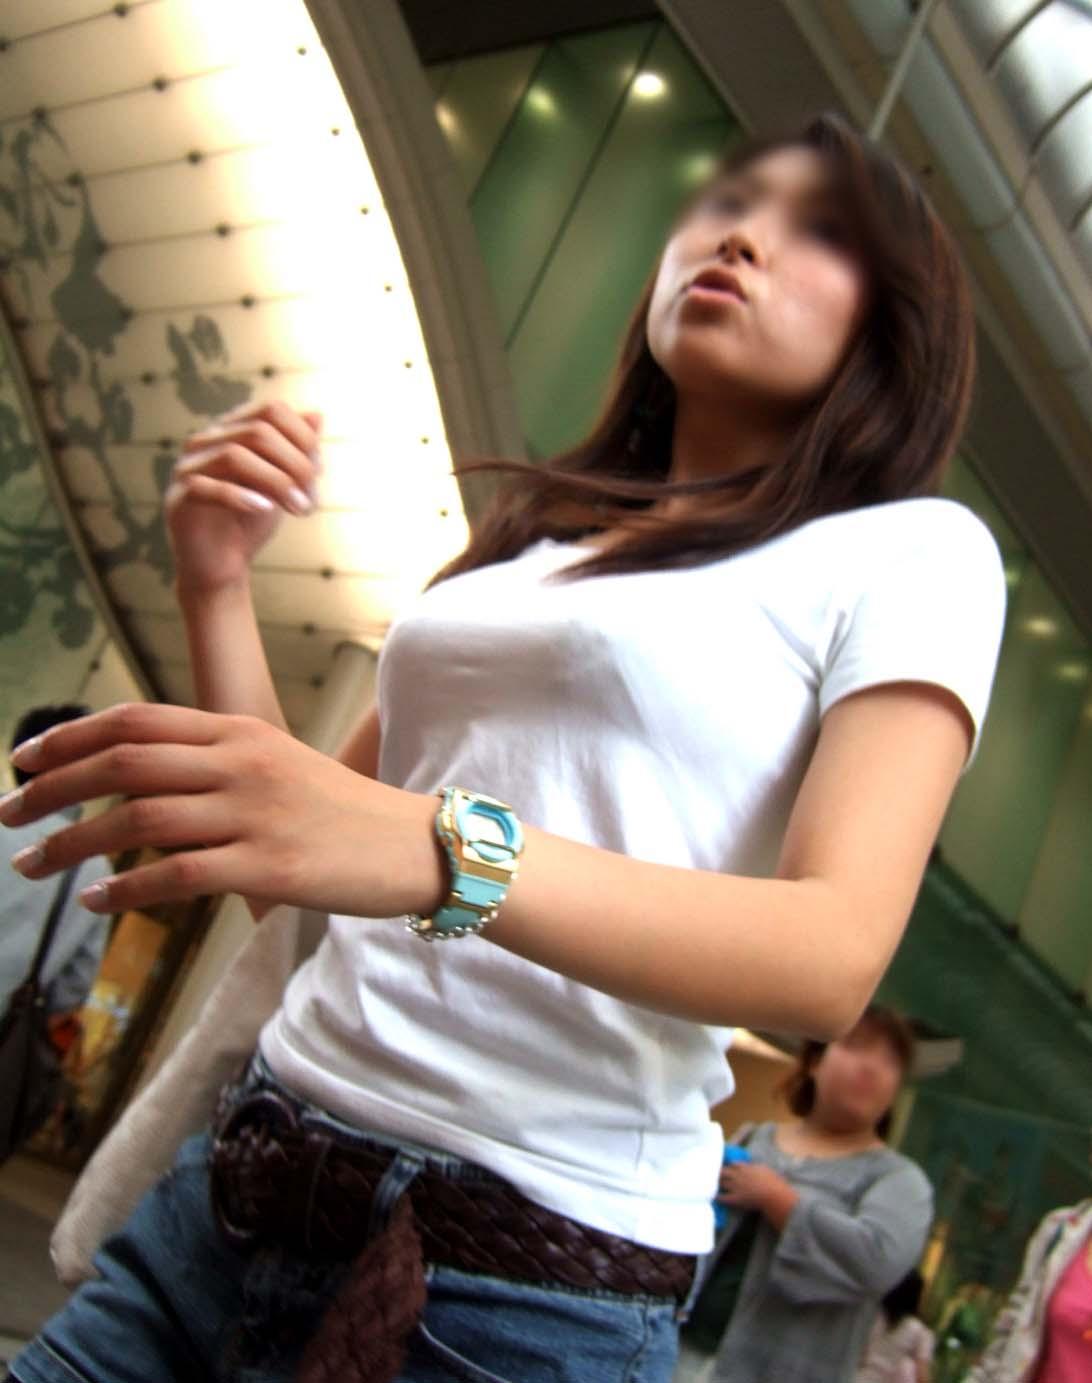 【巨乳エロ画像】見ていいから目立たせてんでしょw街の目を引く大きな着胸www 06